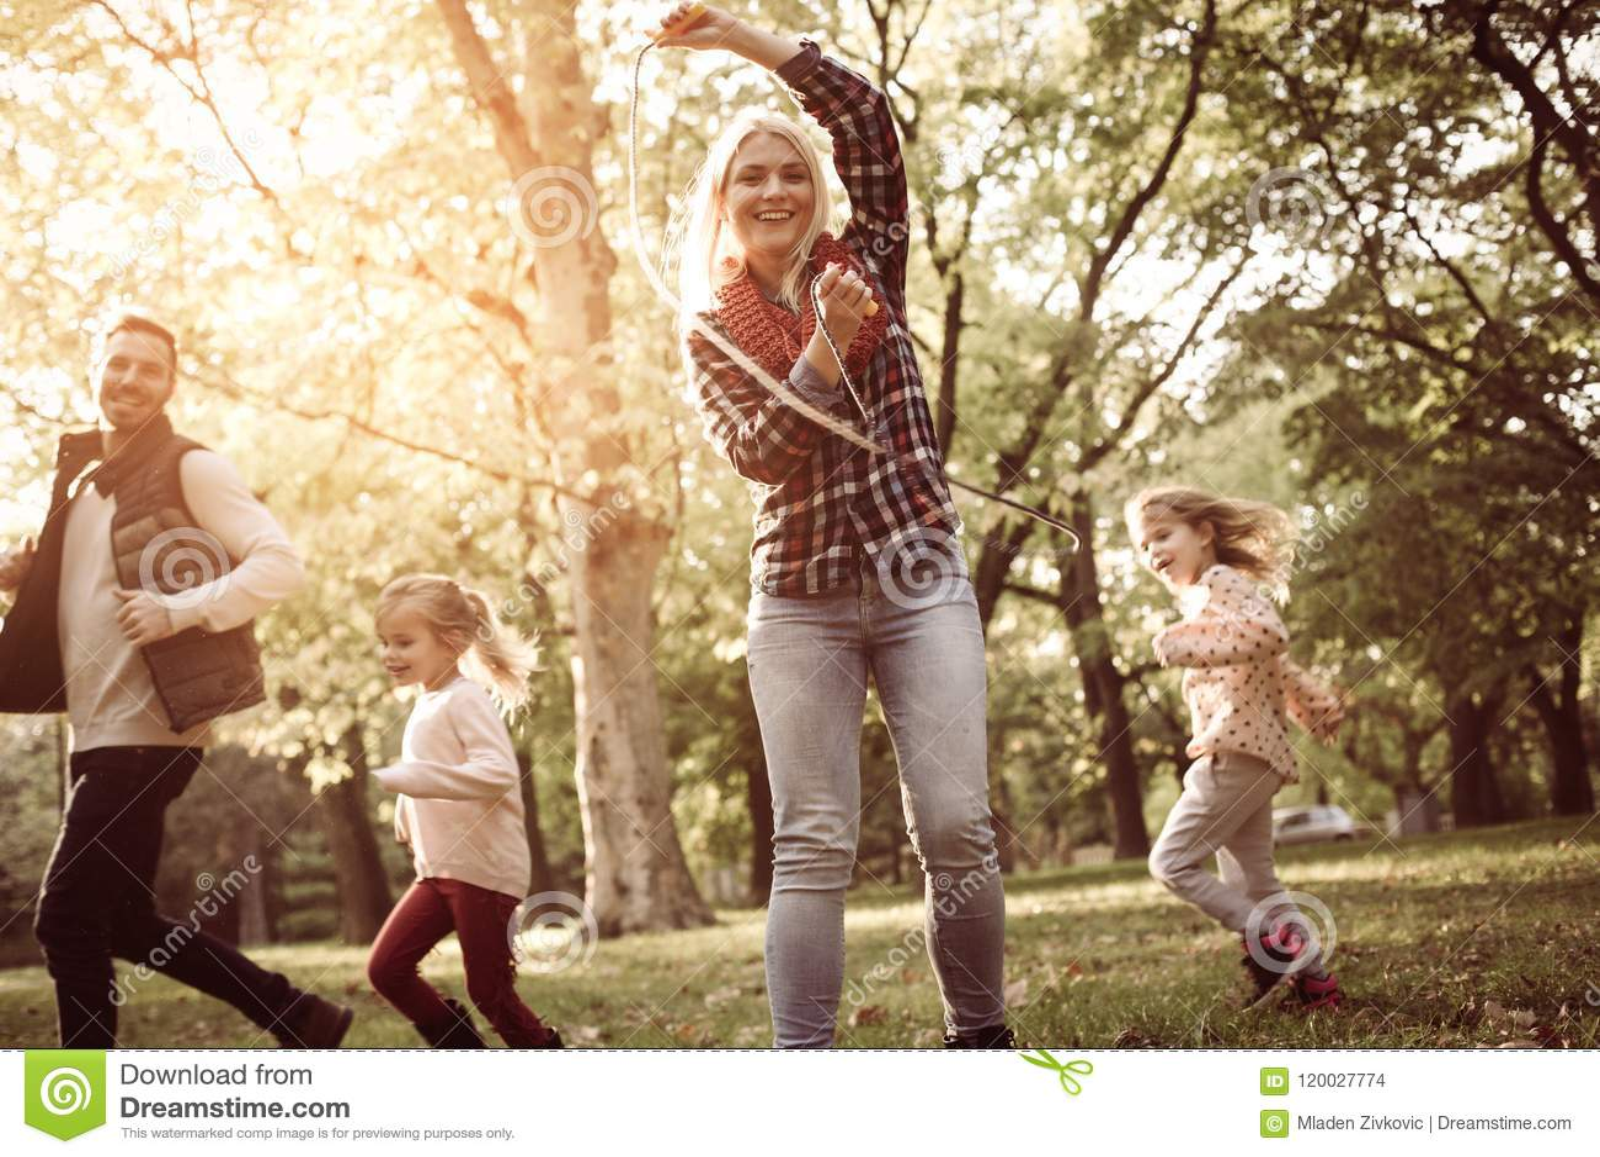 生与女儿低谷举行jum的公园母亲的赛跑